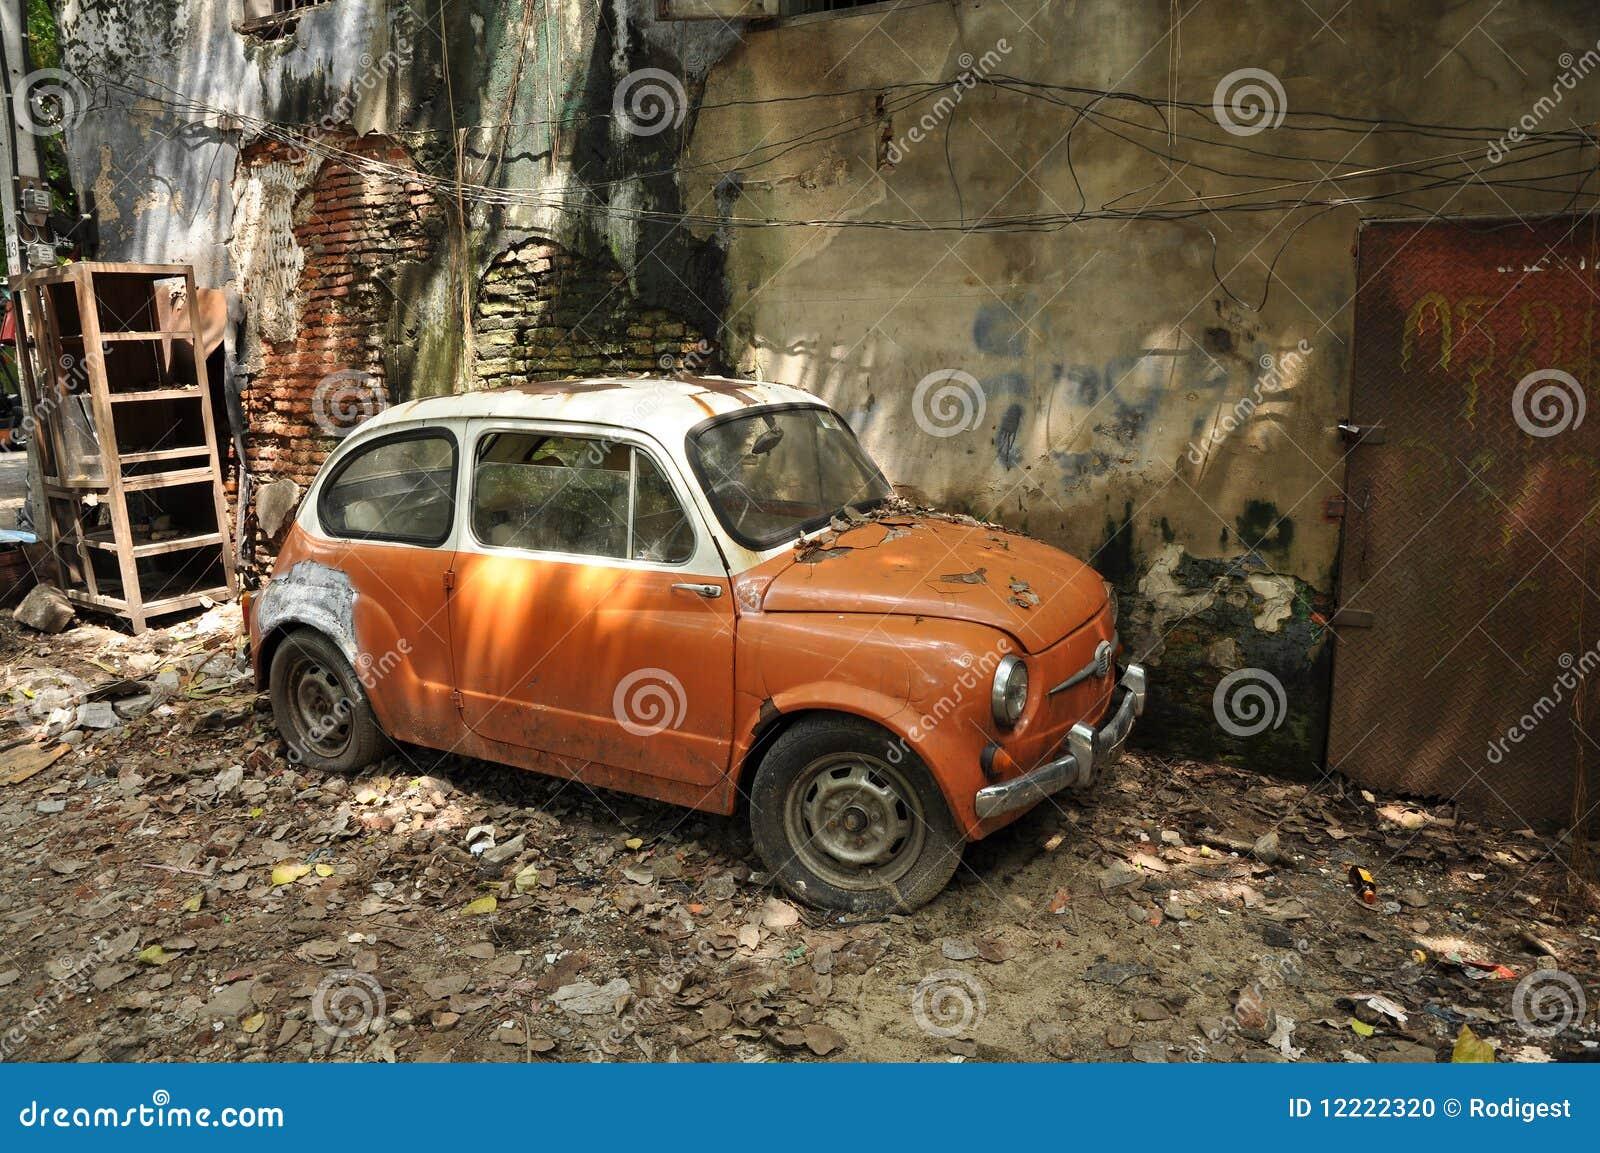 Mini Stock Car Crash